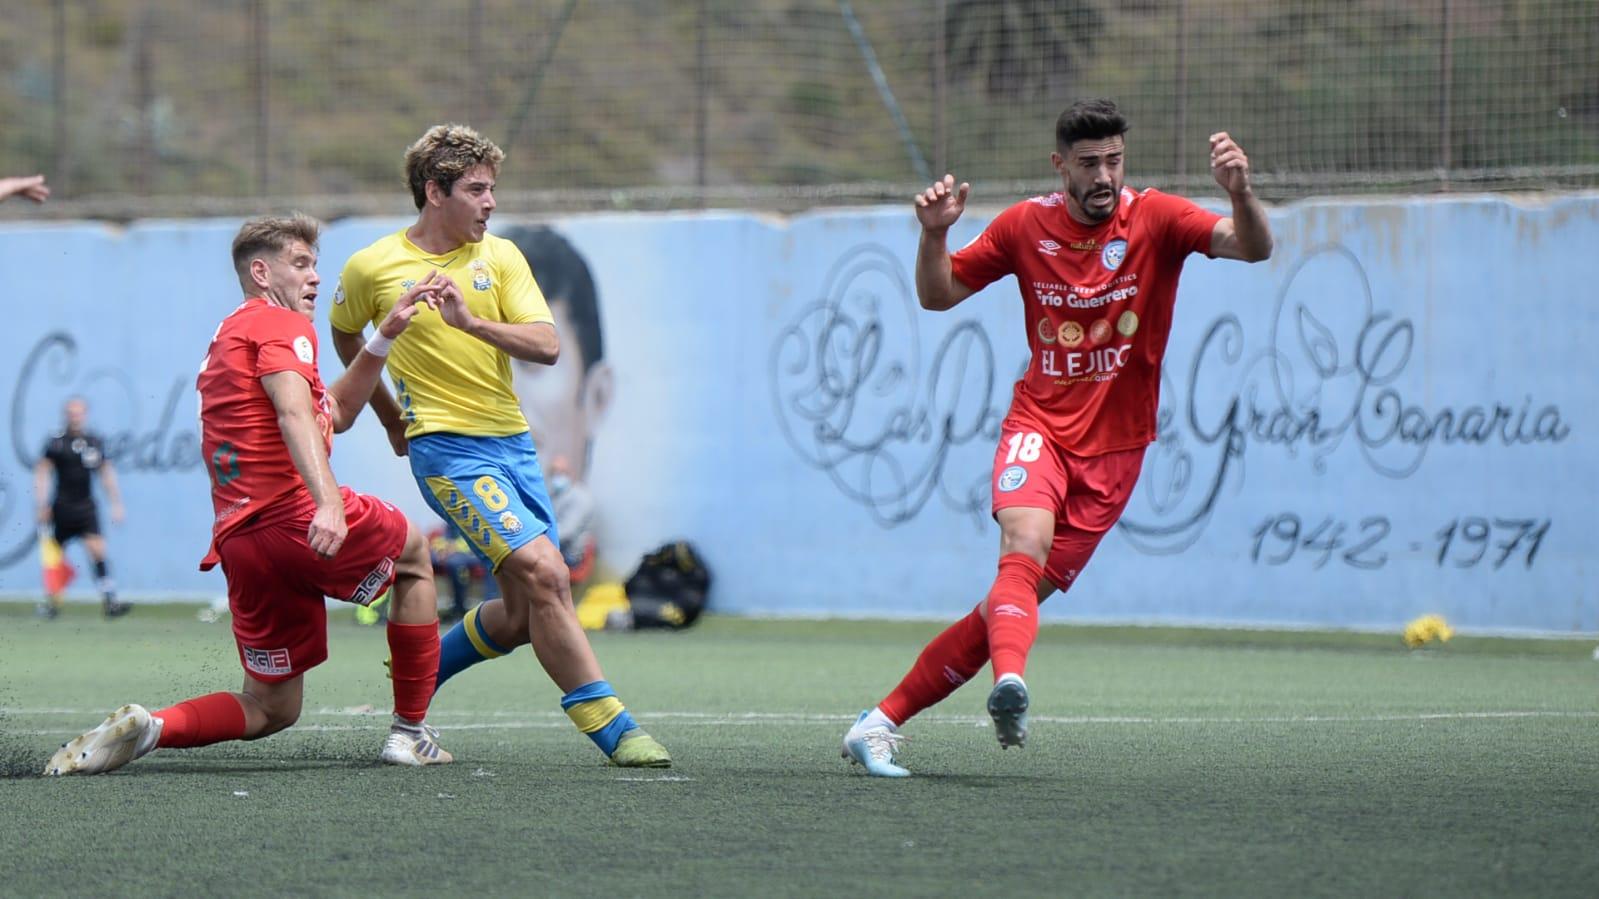 Las Palmas Atlético vs CD El Ejido 2012 2